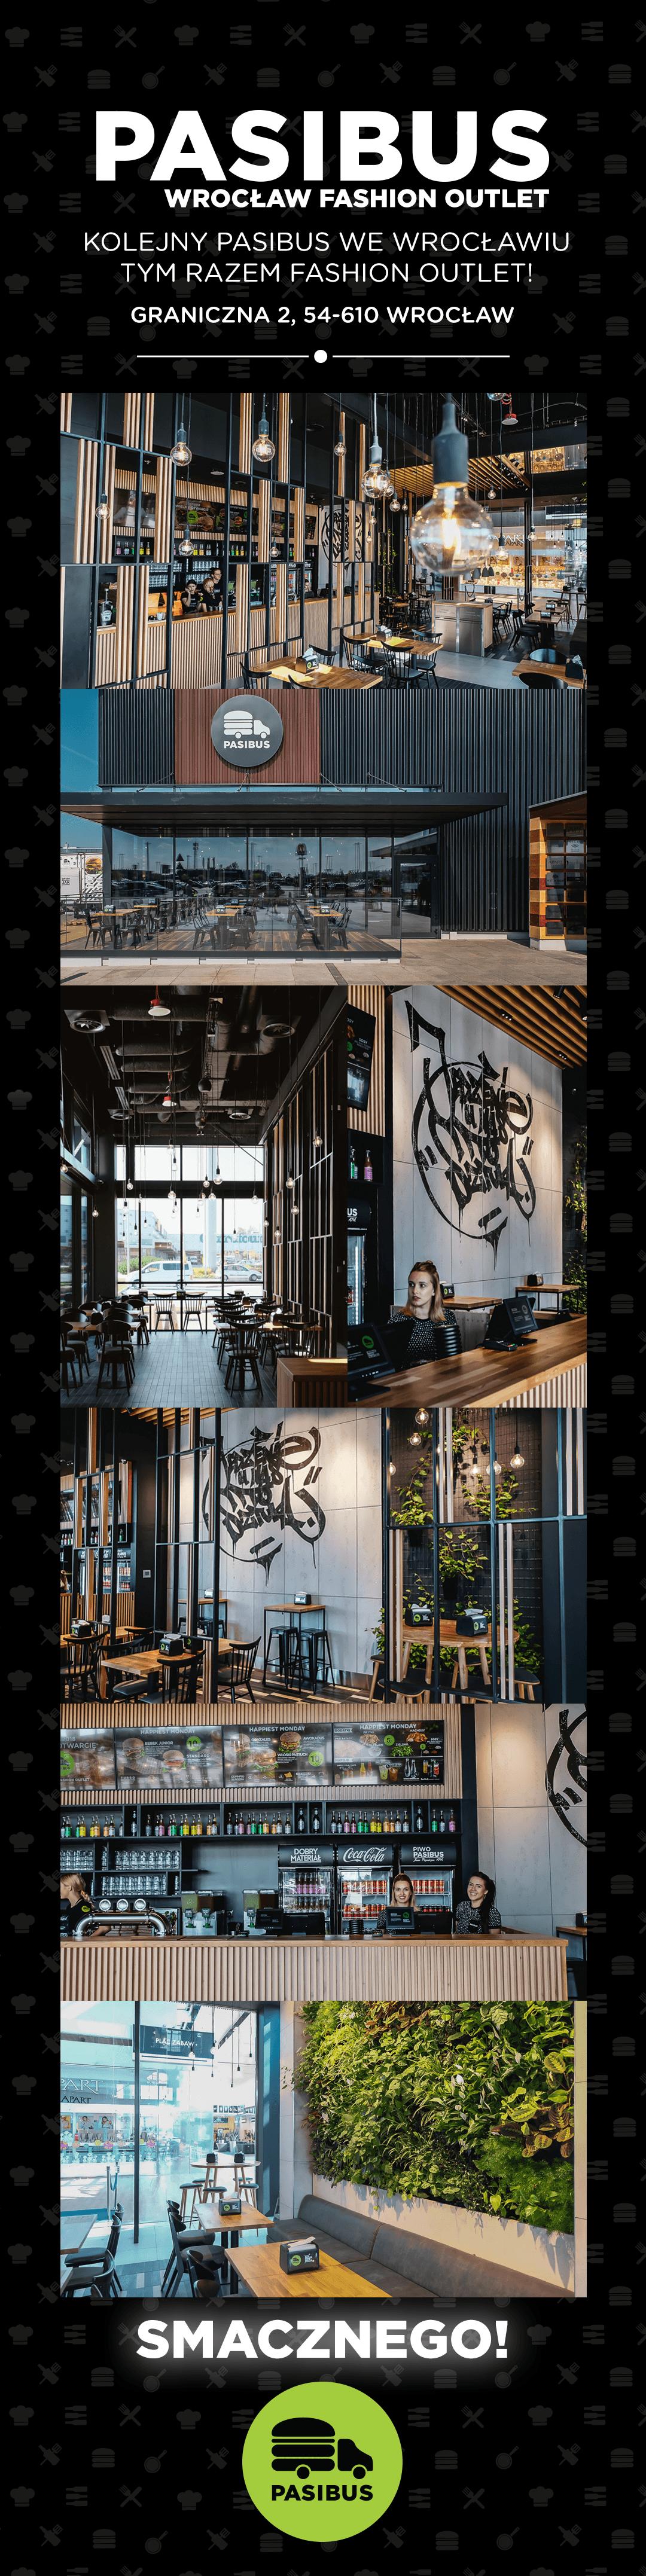 Otwarcie nowej restauracji we Wrocławskim Fashion Outlet